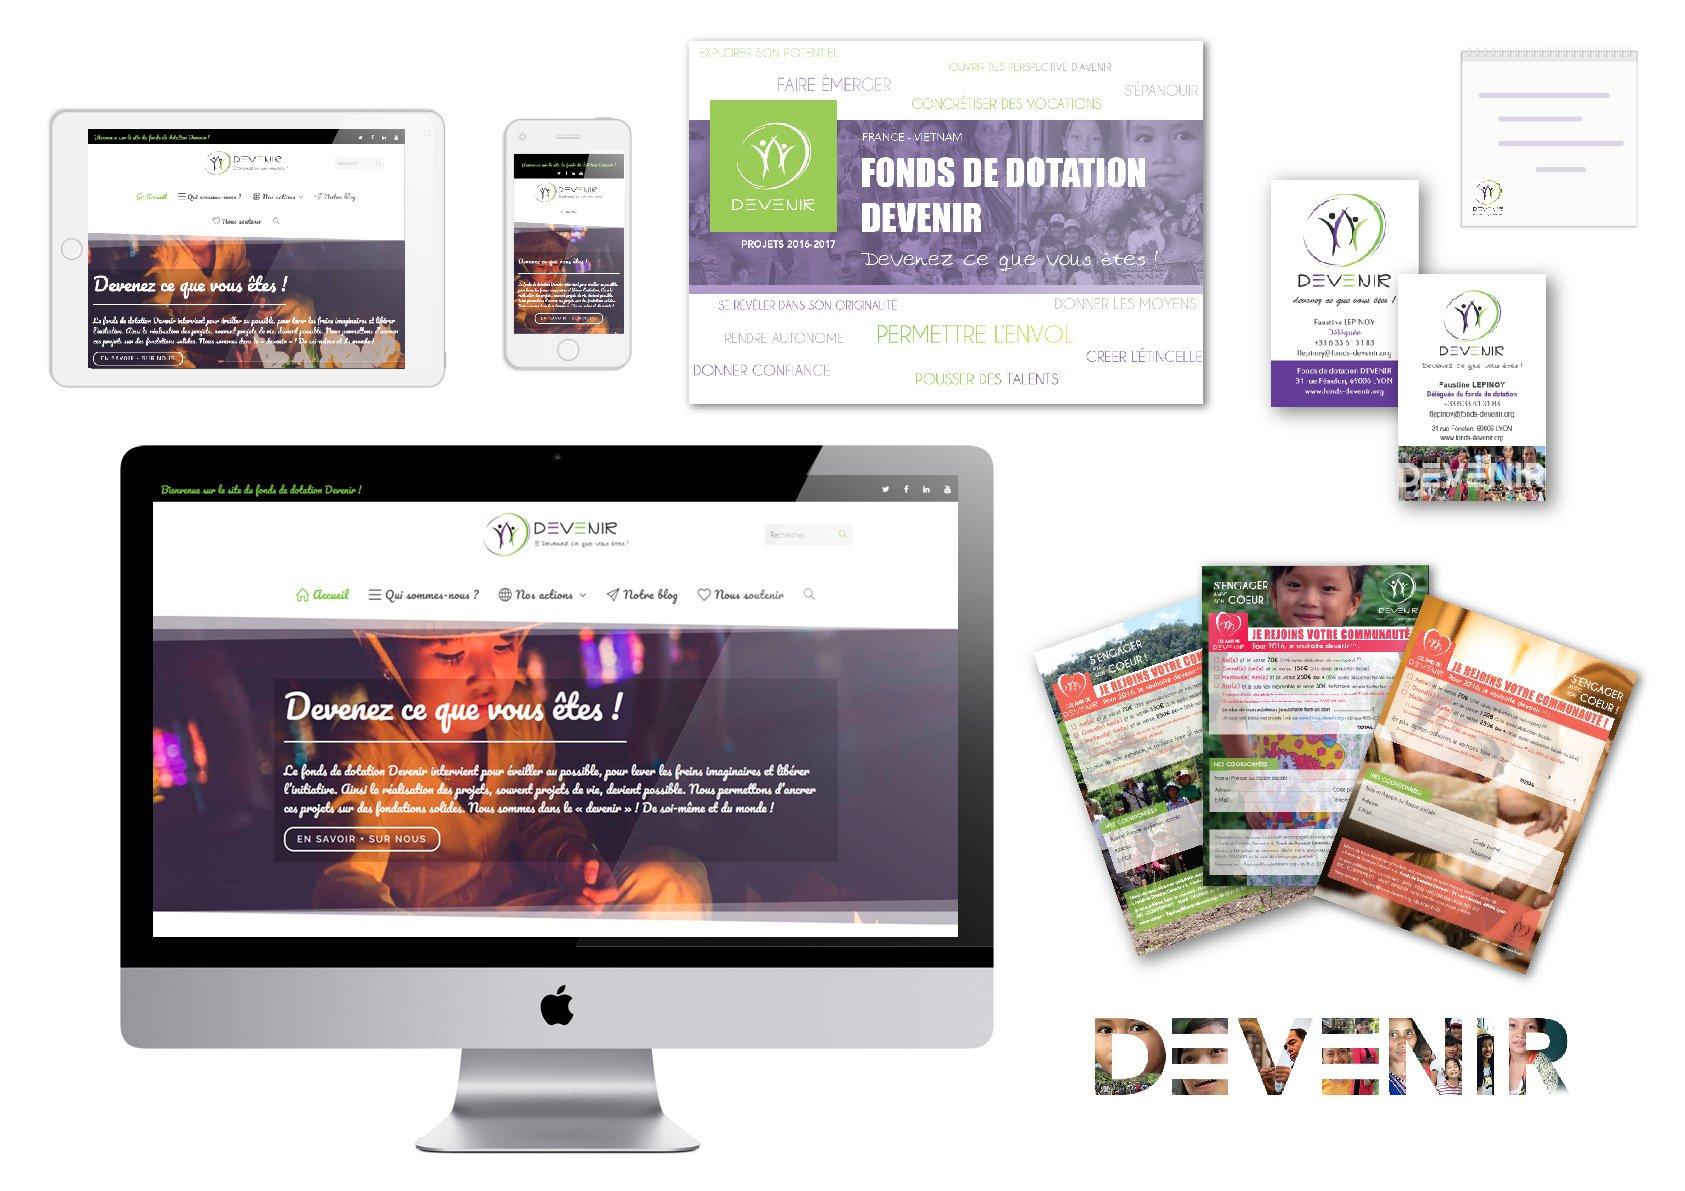 Fonds de dotation Devenir - Identite visuelle